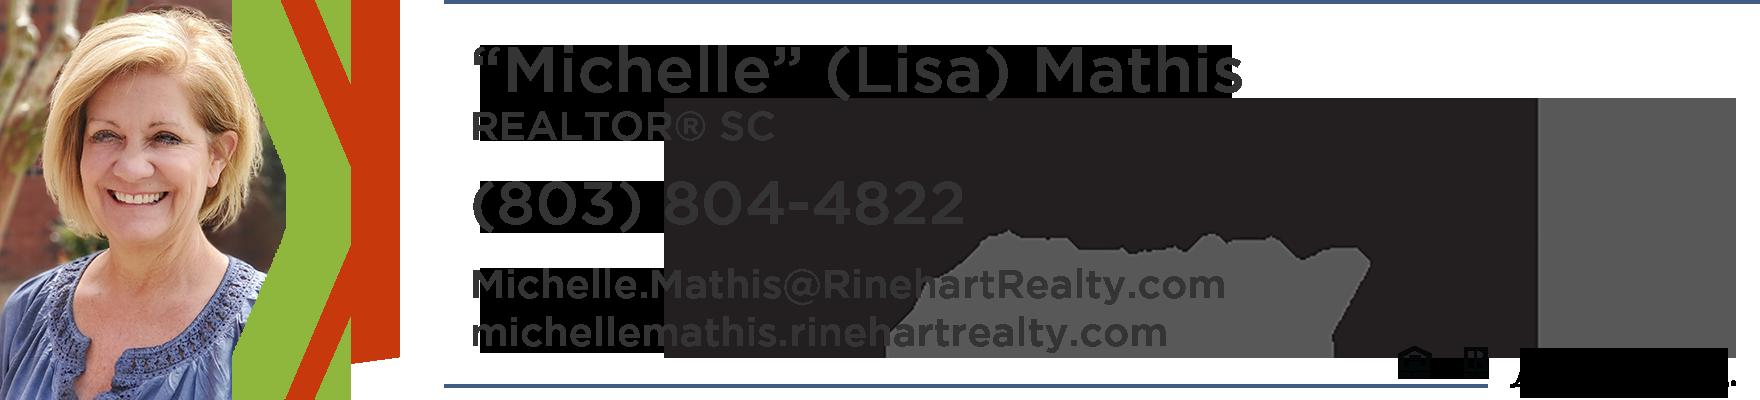 Lisa Michelle Mathis REALTOR SC